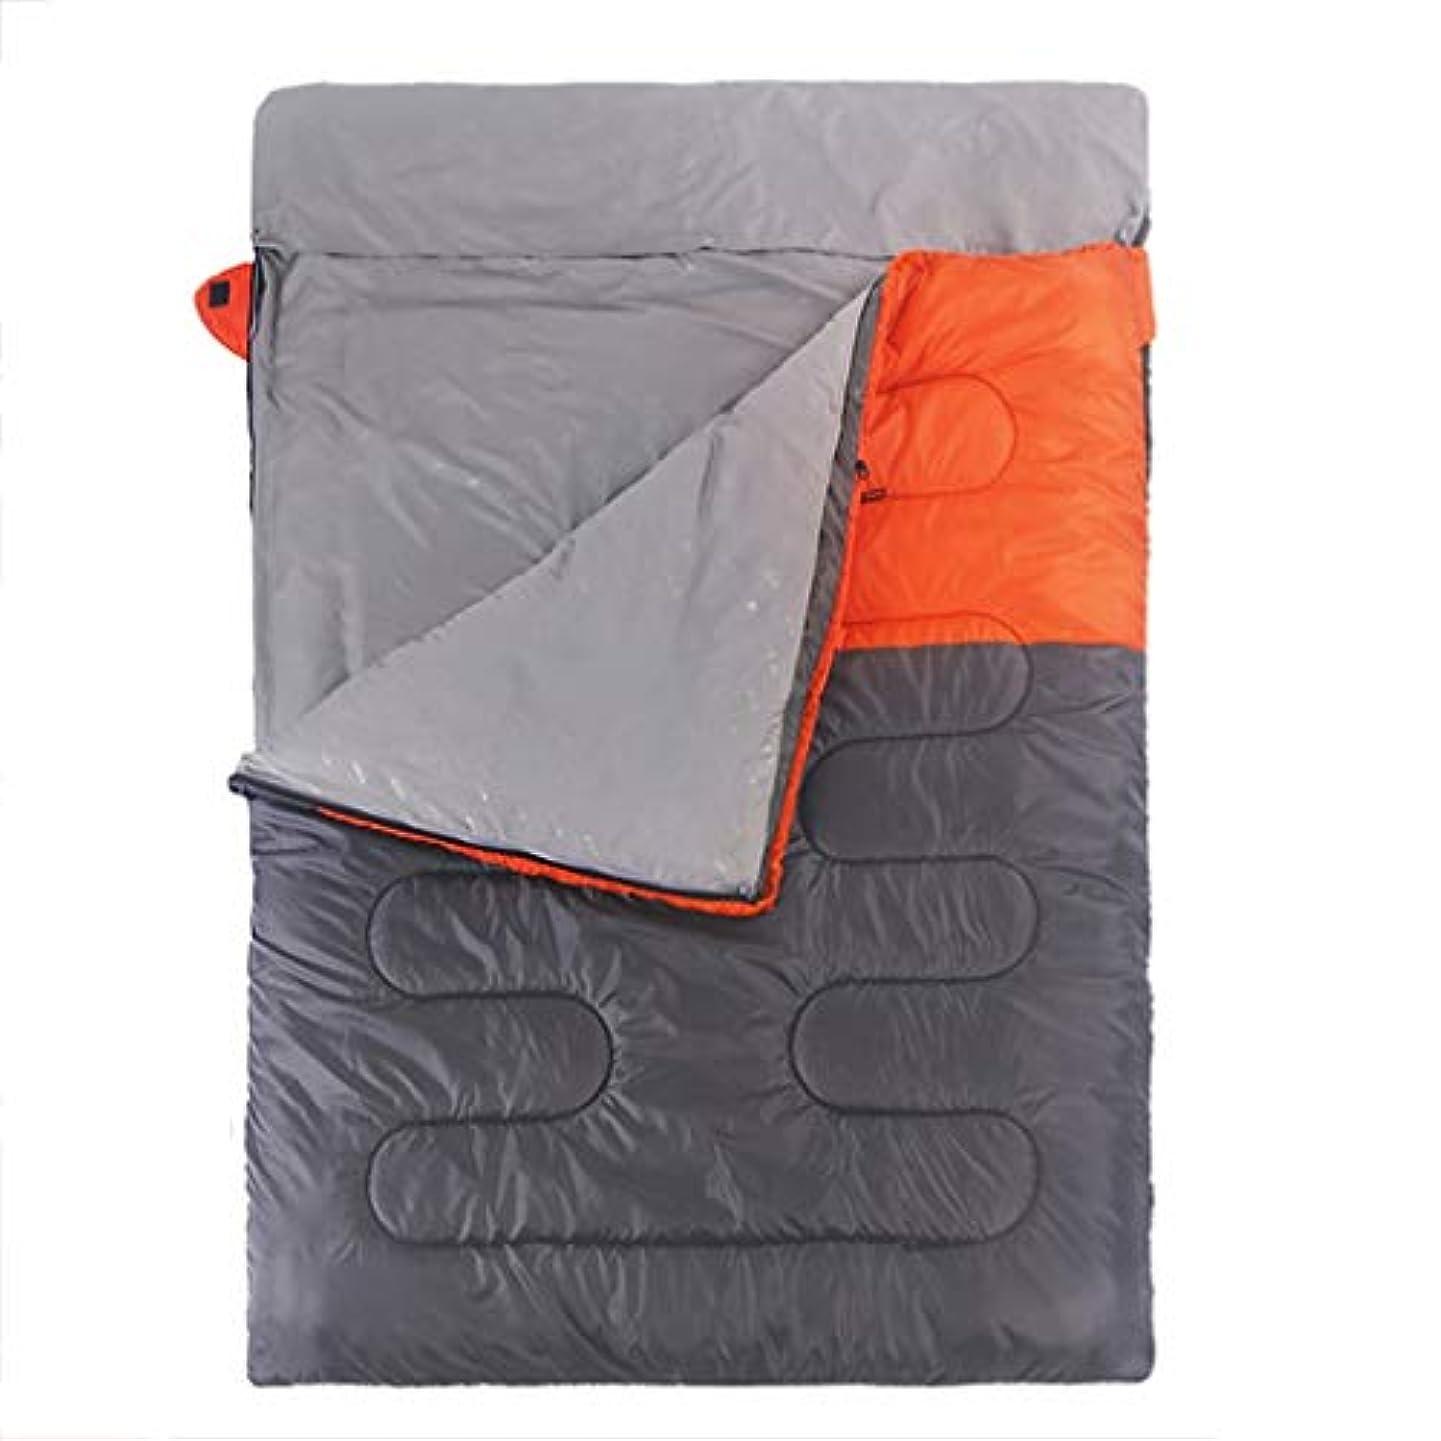 みなさん黒人八百屋さんキャンプの寝袋屋外の寝袋二重寝袋屋内と屋外の厚い暖かいに適した GBYGDQ